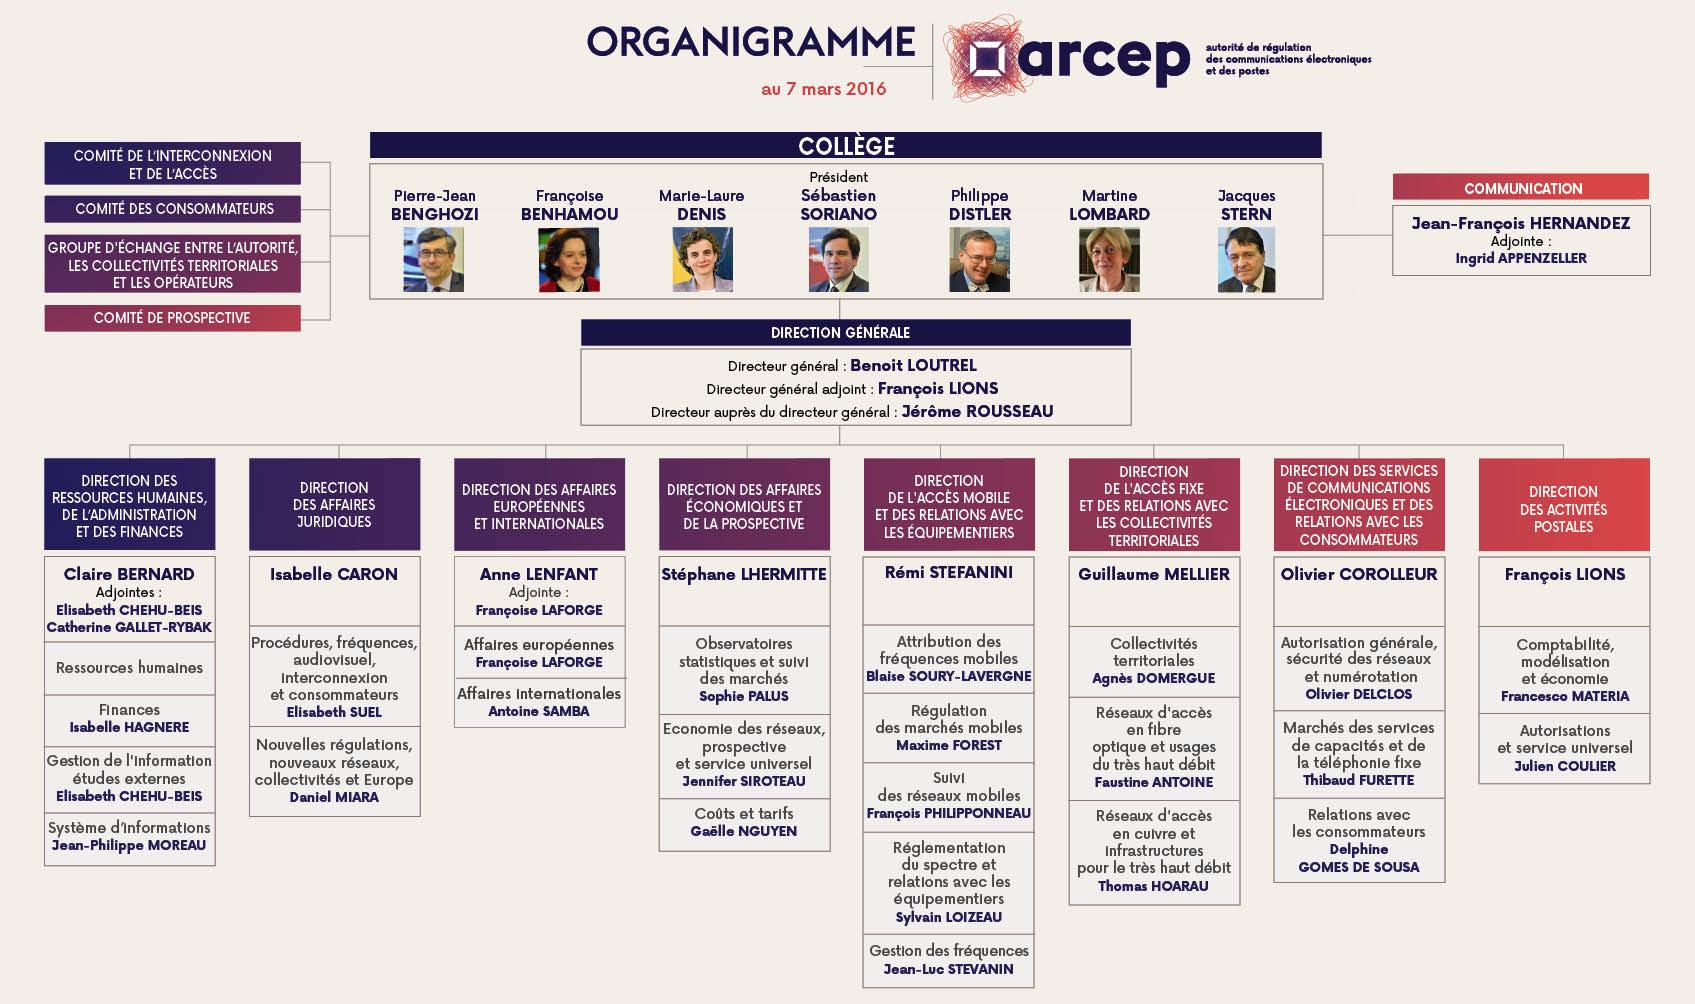 Organigramm beispiele for Organigramme online